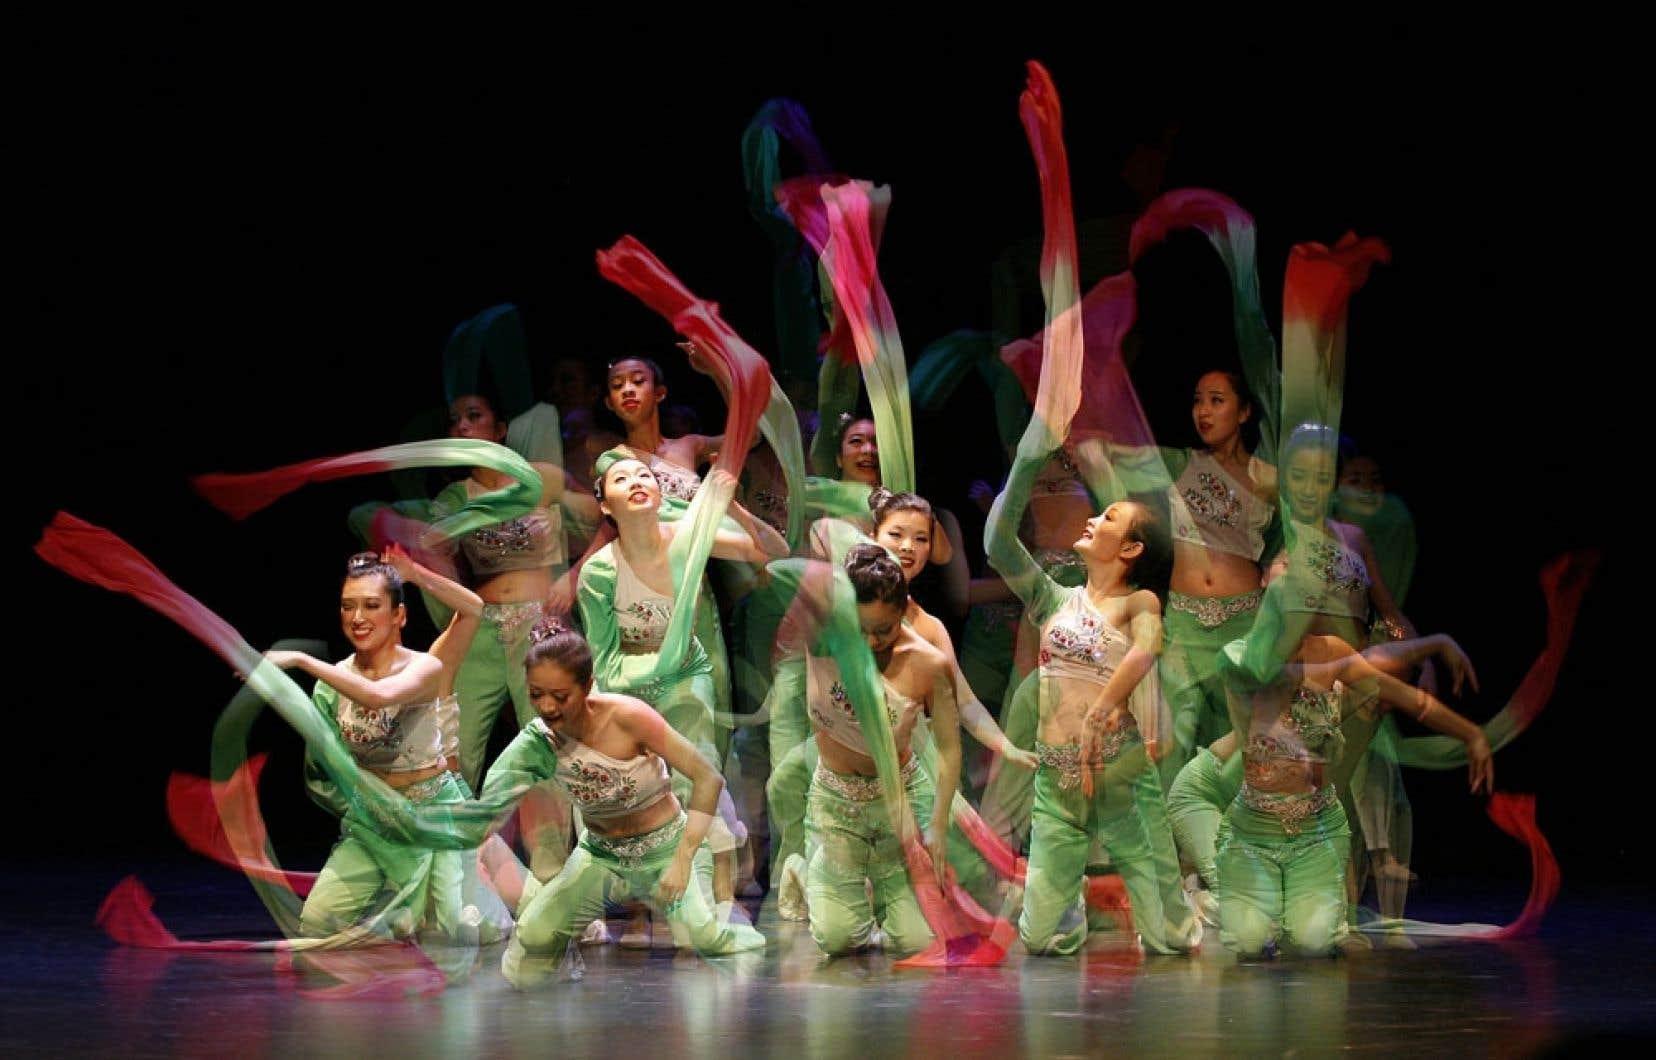 La troupe artistique Phoenix (Hua Yun) chantera et dansera en présentant une succession de tableaux relatant les différentes dynasties de l'Empire chinois.